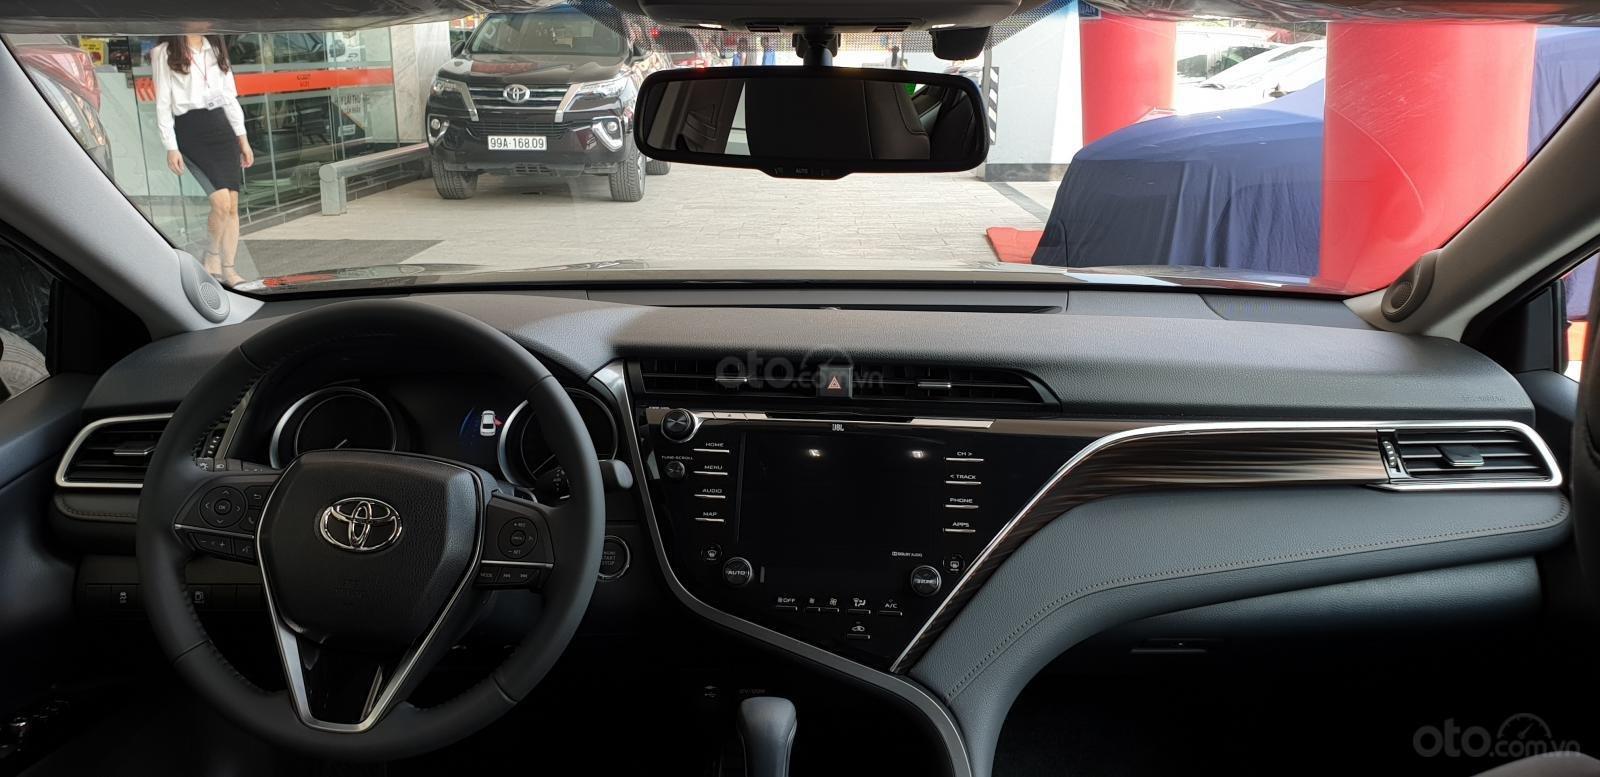 Bán Toyota Camry 2.5Q nhập khẩu giao ngay, giá tốt, liên hệ 0987404316 - 0355283111-5